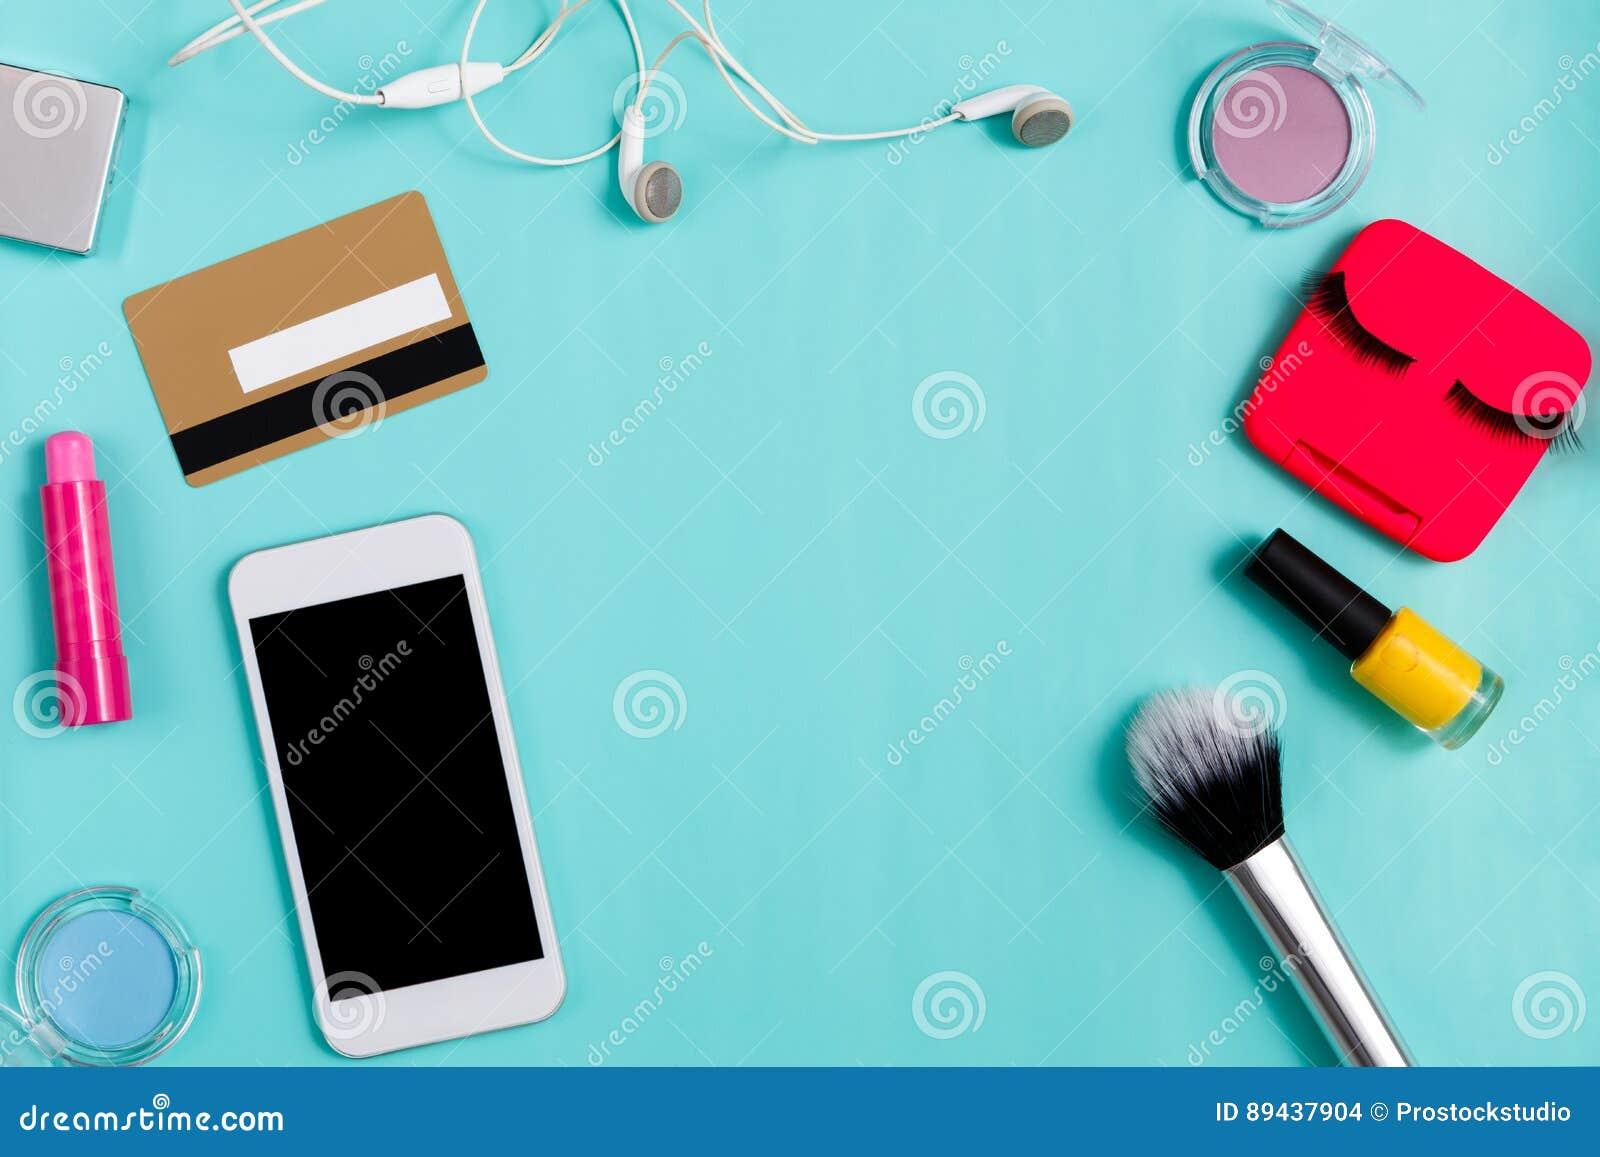 Покупки продуктов красоты онлайн, ежедневный состав